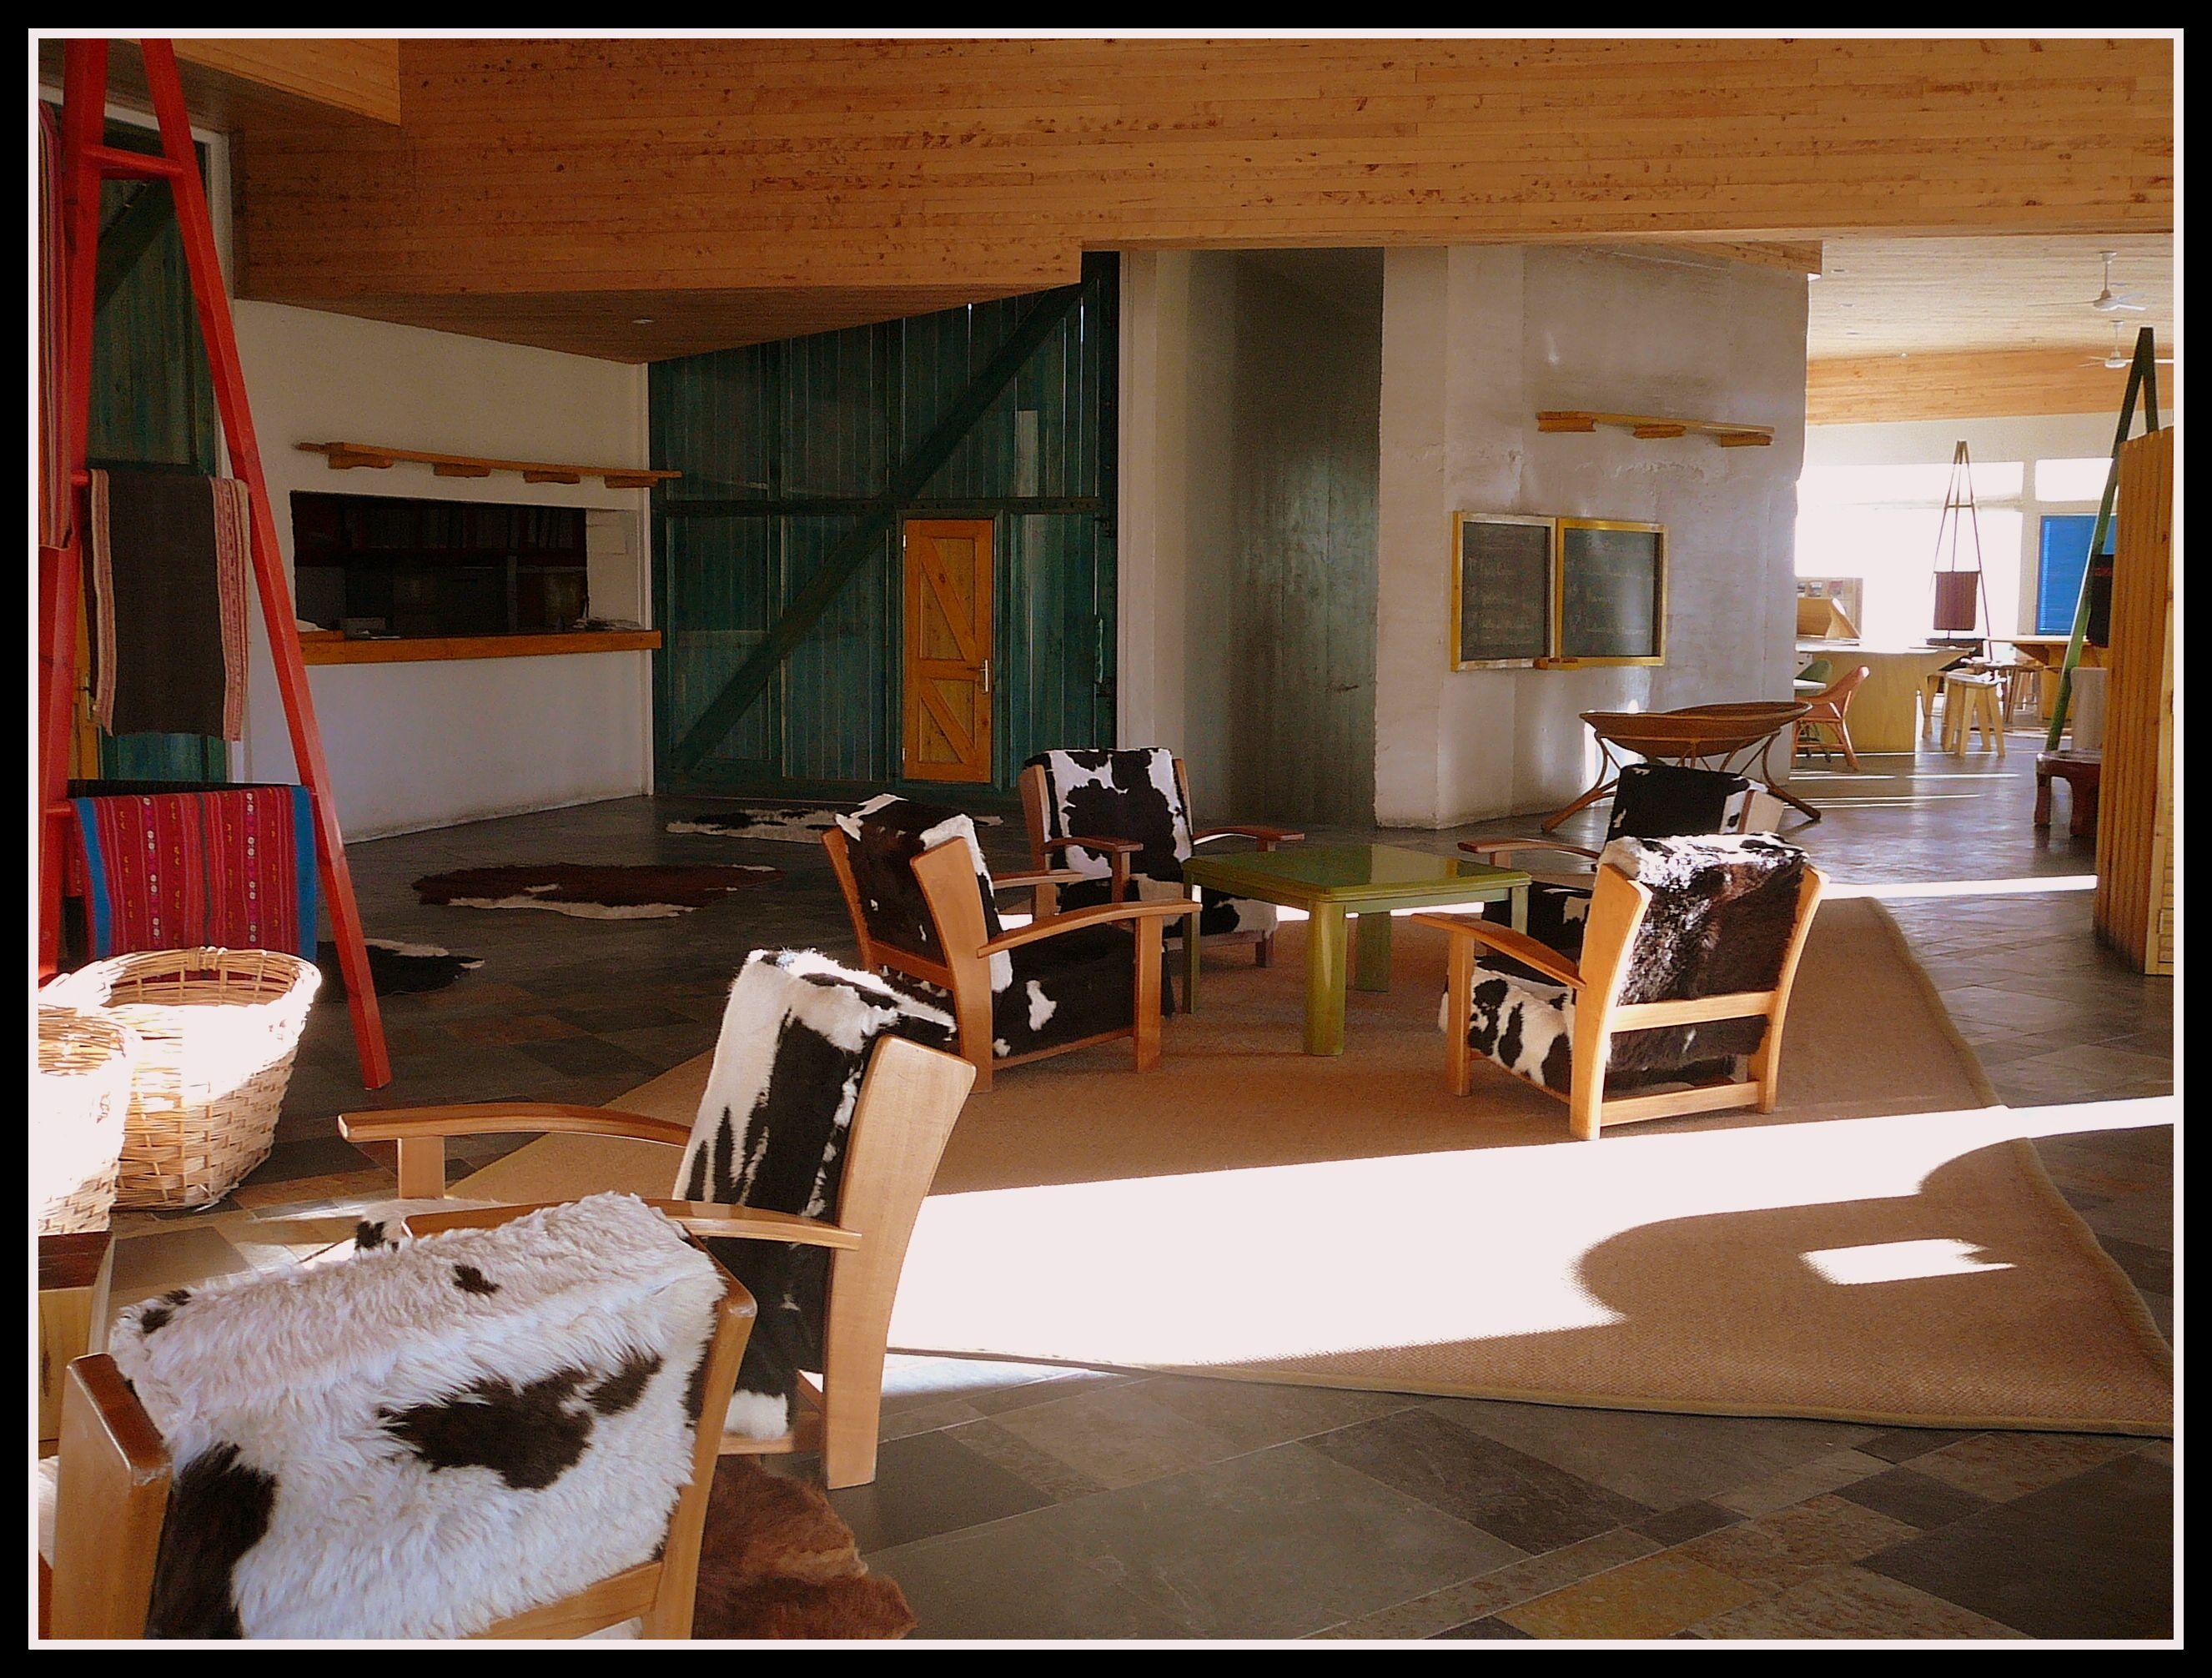 Me sorprendió gratamente este hotel en San Pedro de Atacama. Mezclado perfectamente con el entorno pero con todo lujo de detalles, como este salón tan coqueto